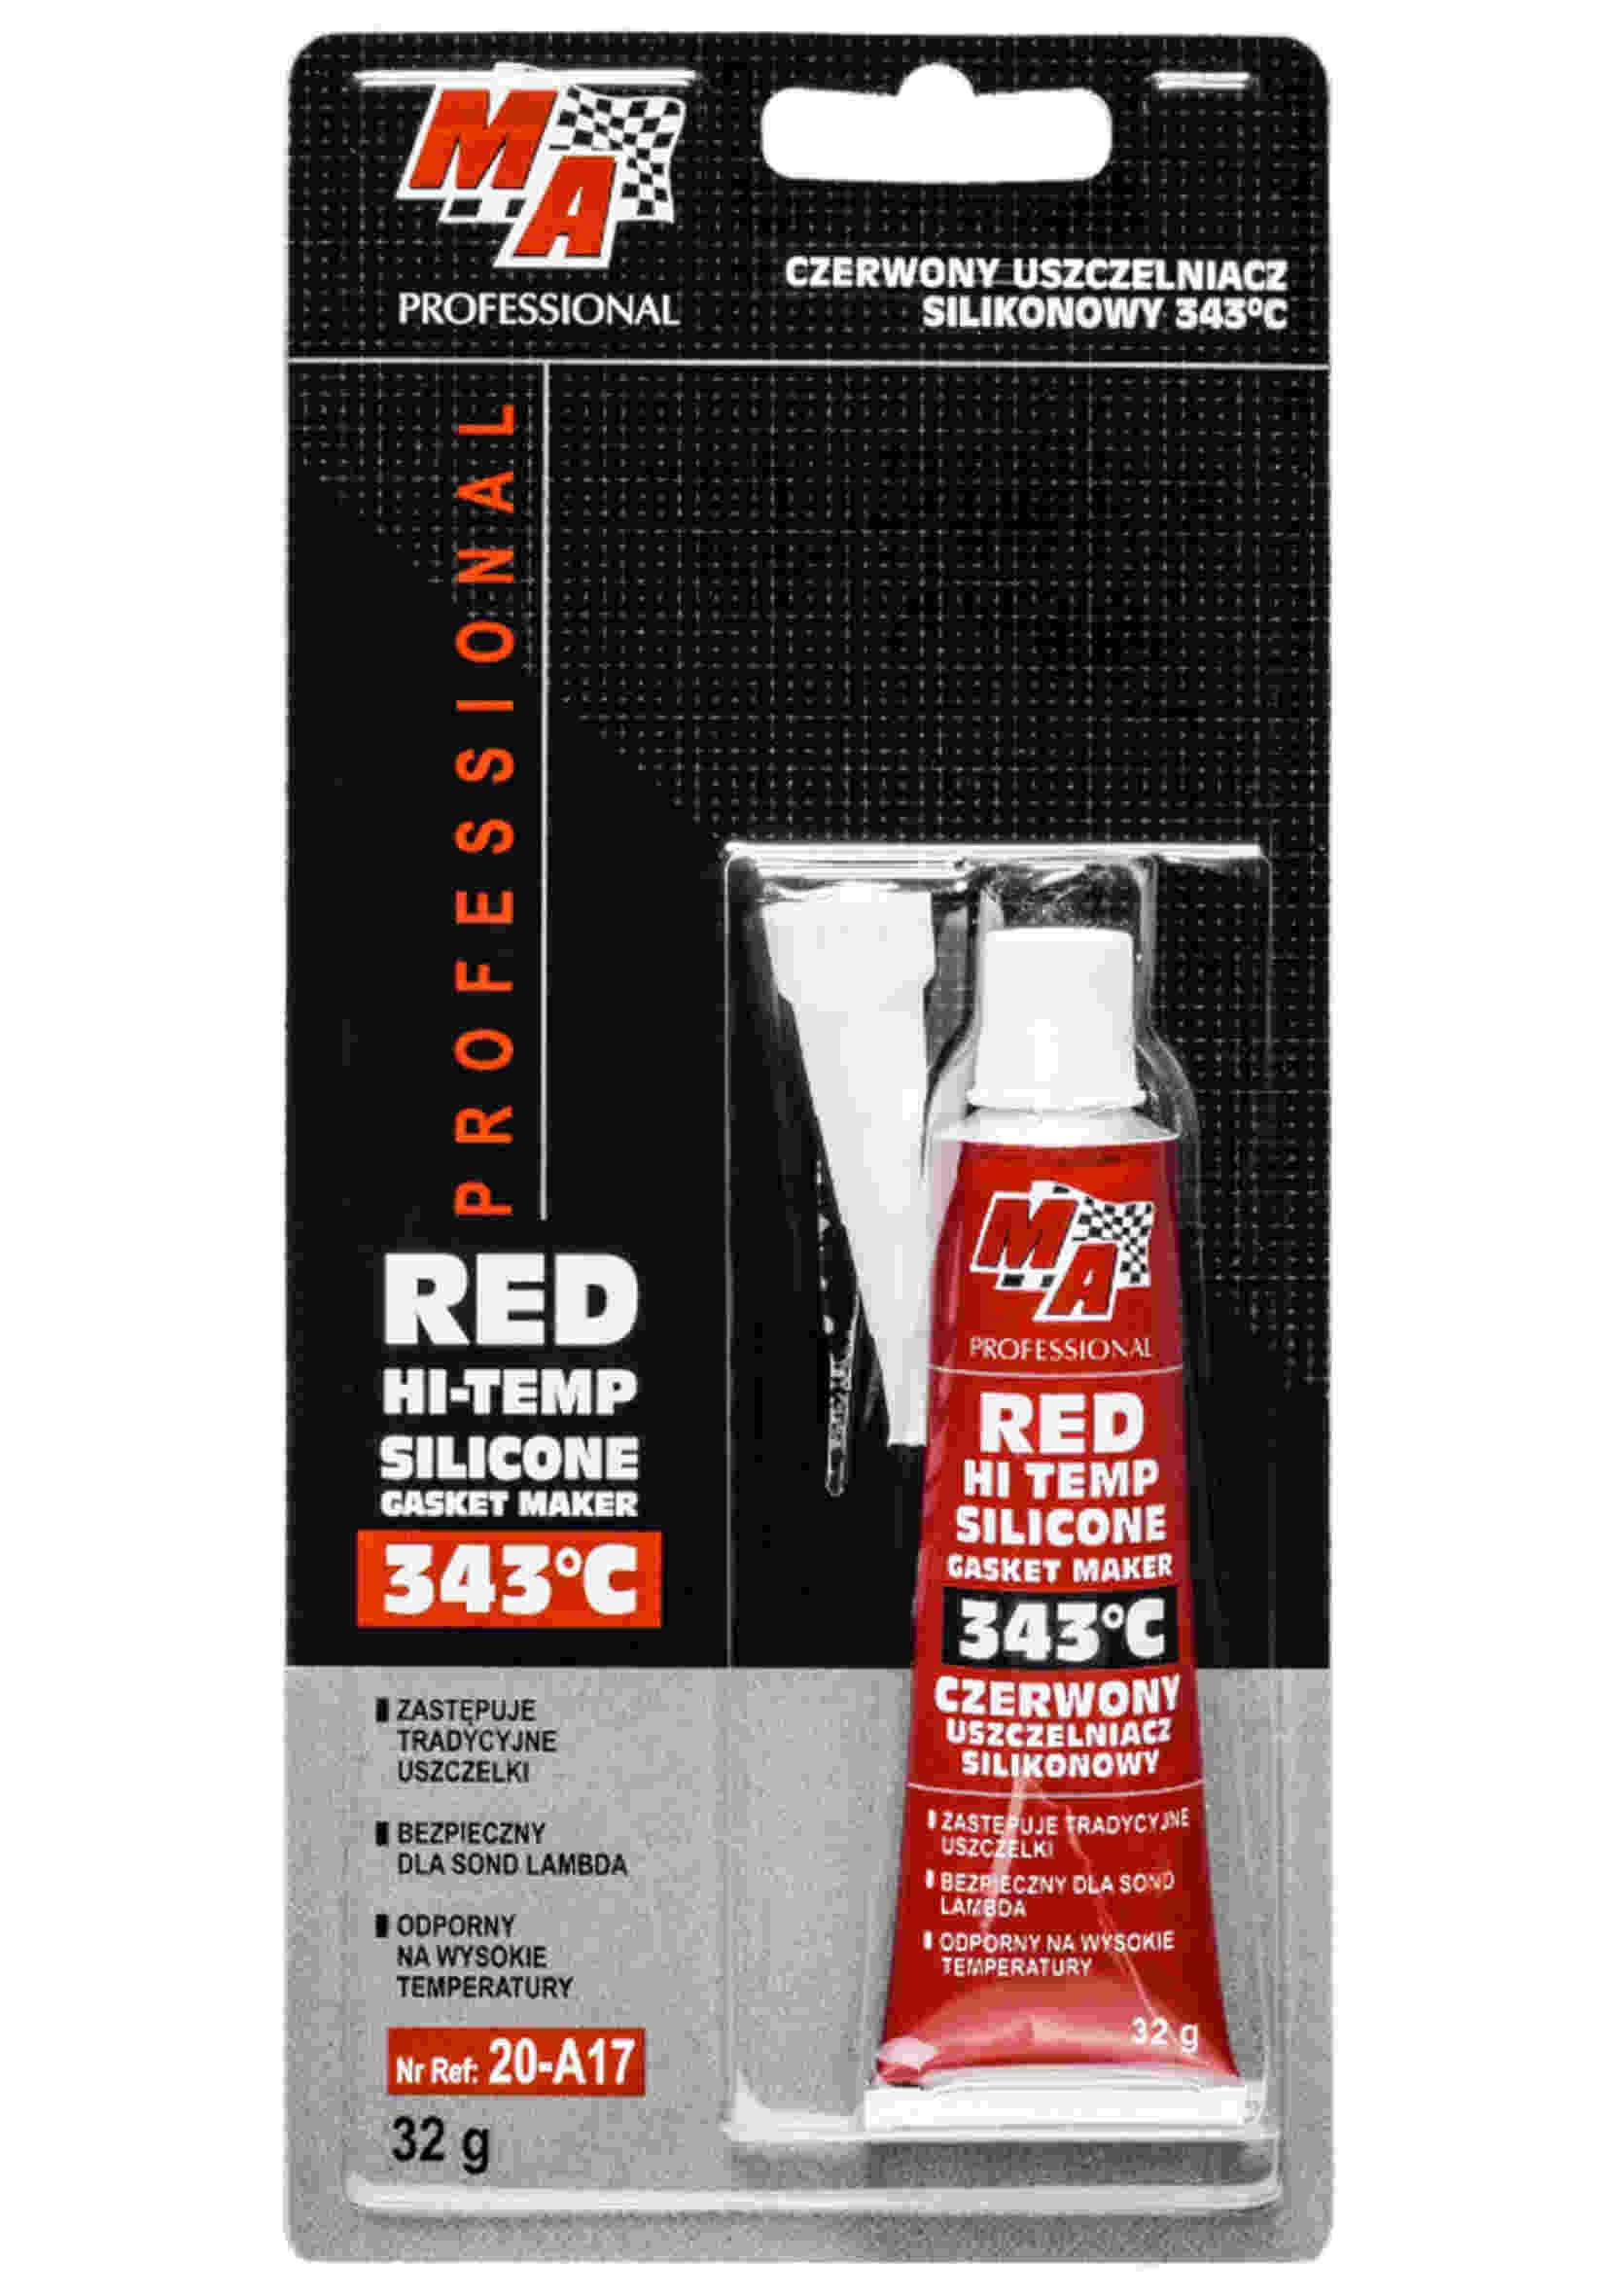 MA Professional Wysokotemperaturowy Silikon Czerwony +343C w Tubce 32g